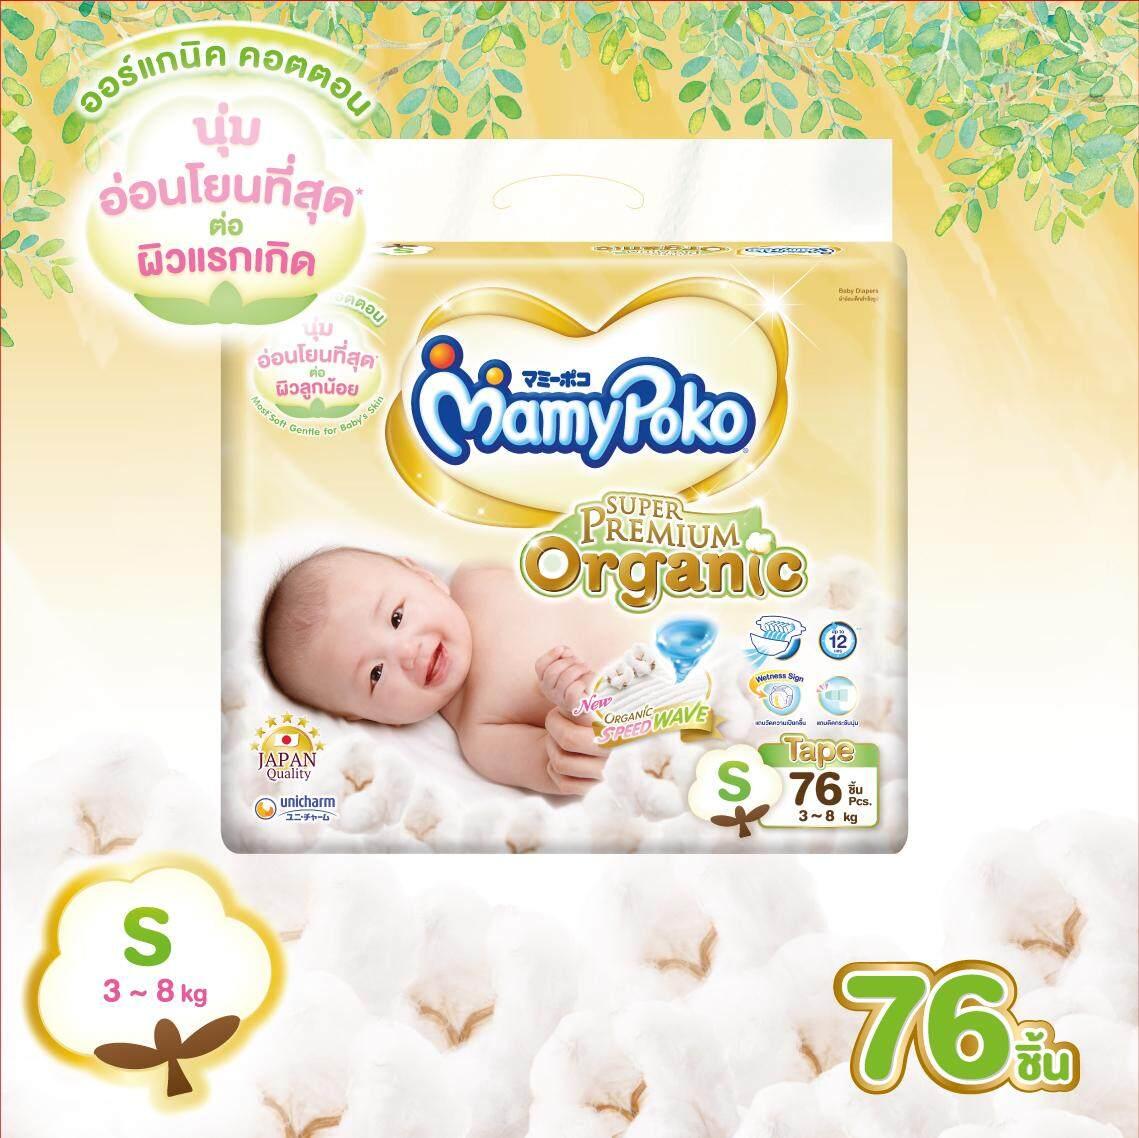 MamyPoko Super Premium Organic ผ้าอ้อมเด็กแบบเทป มามี่โพโค ซุปเปอร์ พรีเมี่ยม ออร์แกนิค ไซส์ S จำนวน 76 ชิ้น